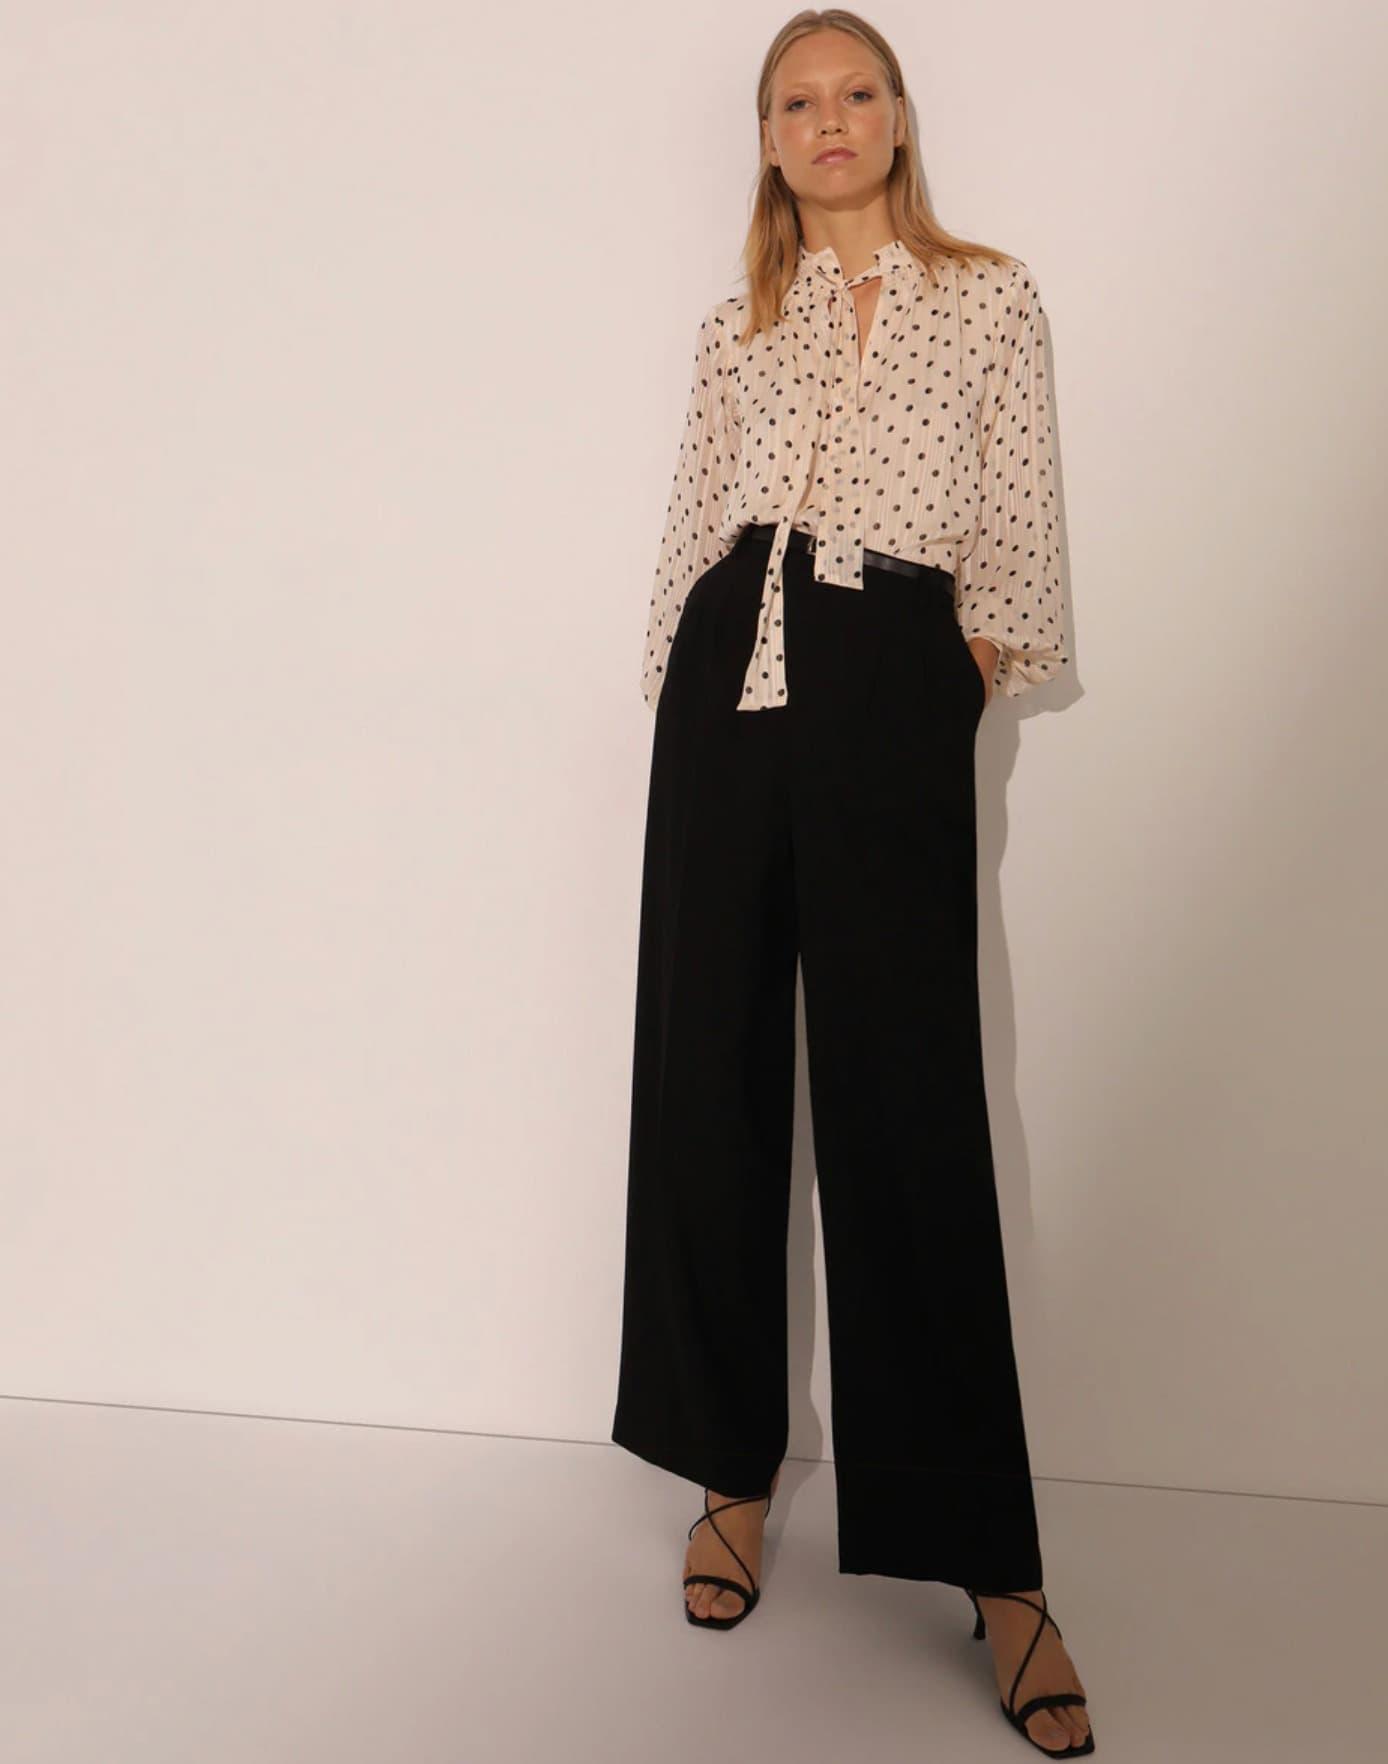 Pantalón ancho de mujer con cinturón